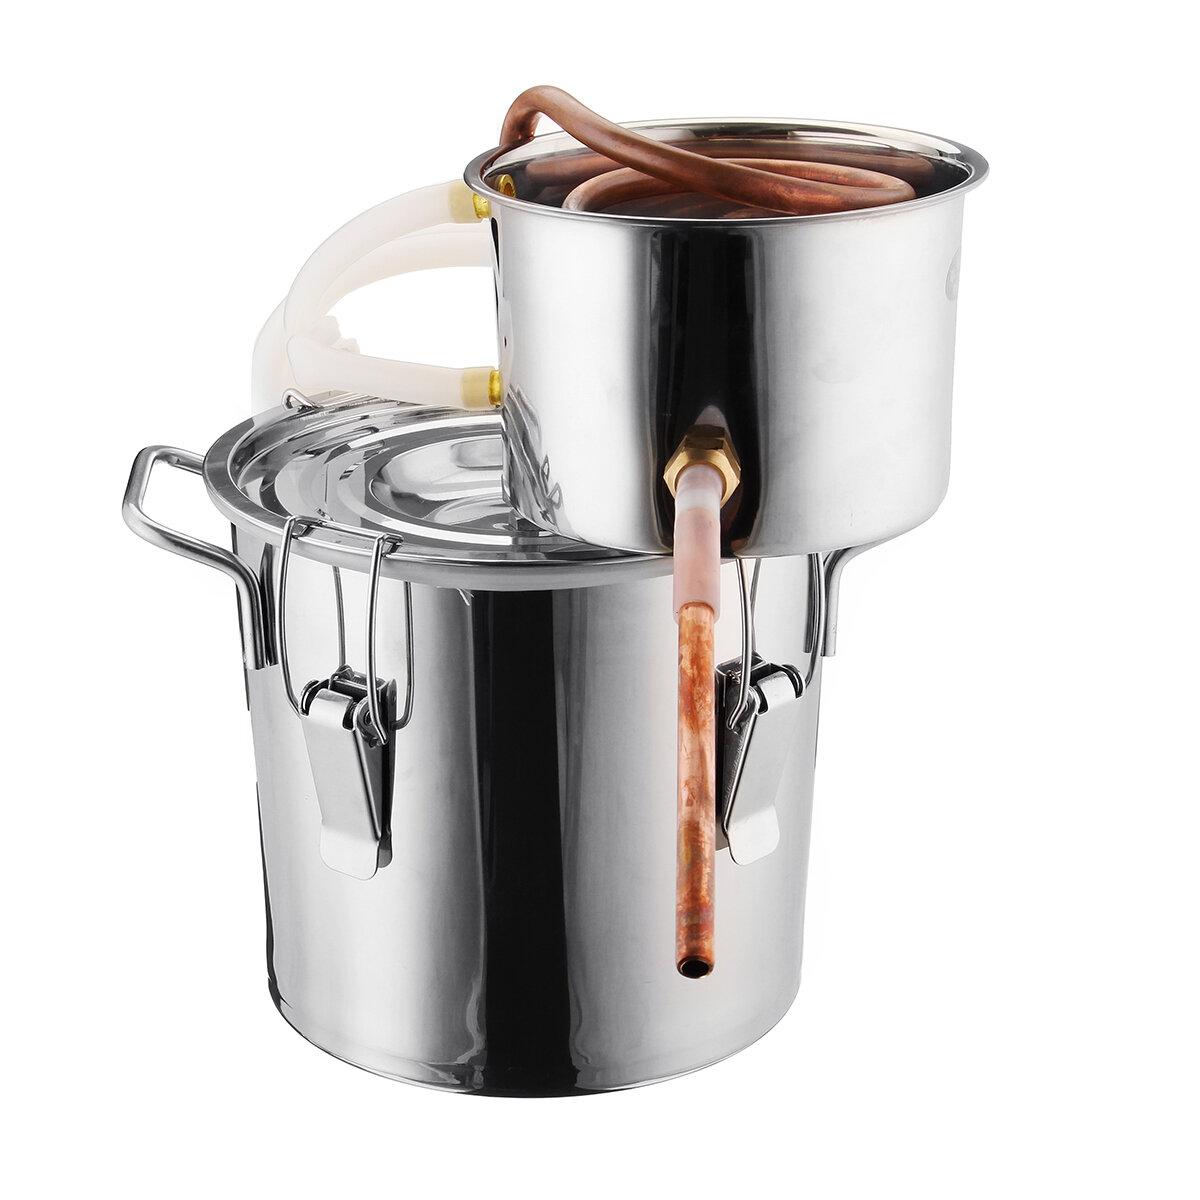 ツール家庭用バーセットを作る6Lアルコール水蒸留器の銅のフルーツのアルコール飲料